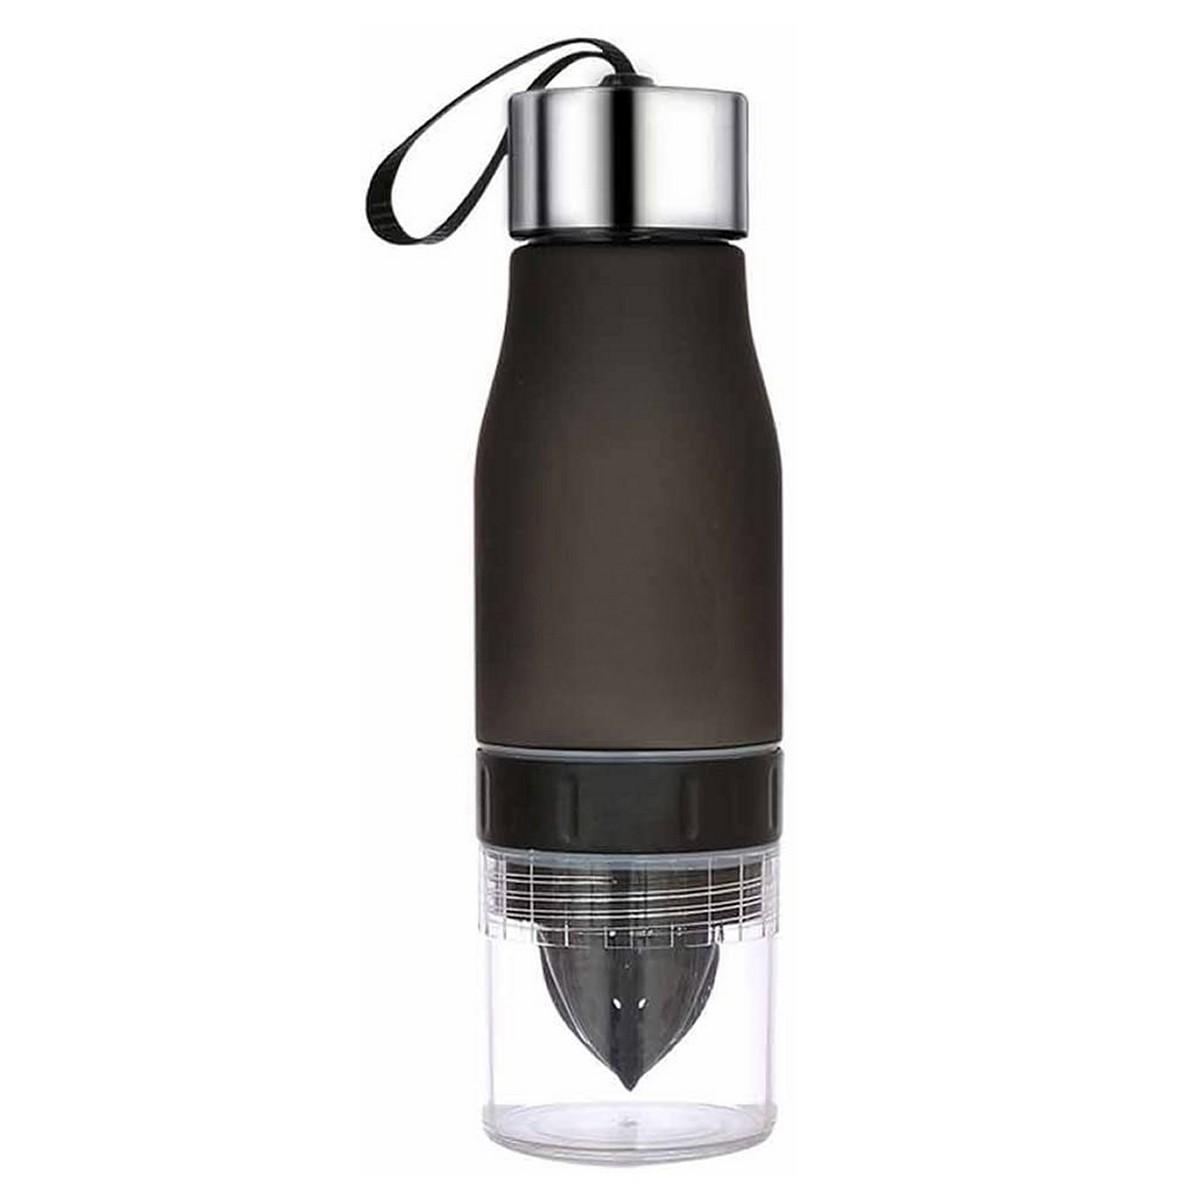 """בקבוק שתייה עם מסחטה 700 מ""""ל - ג'וסר"""